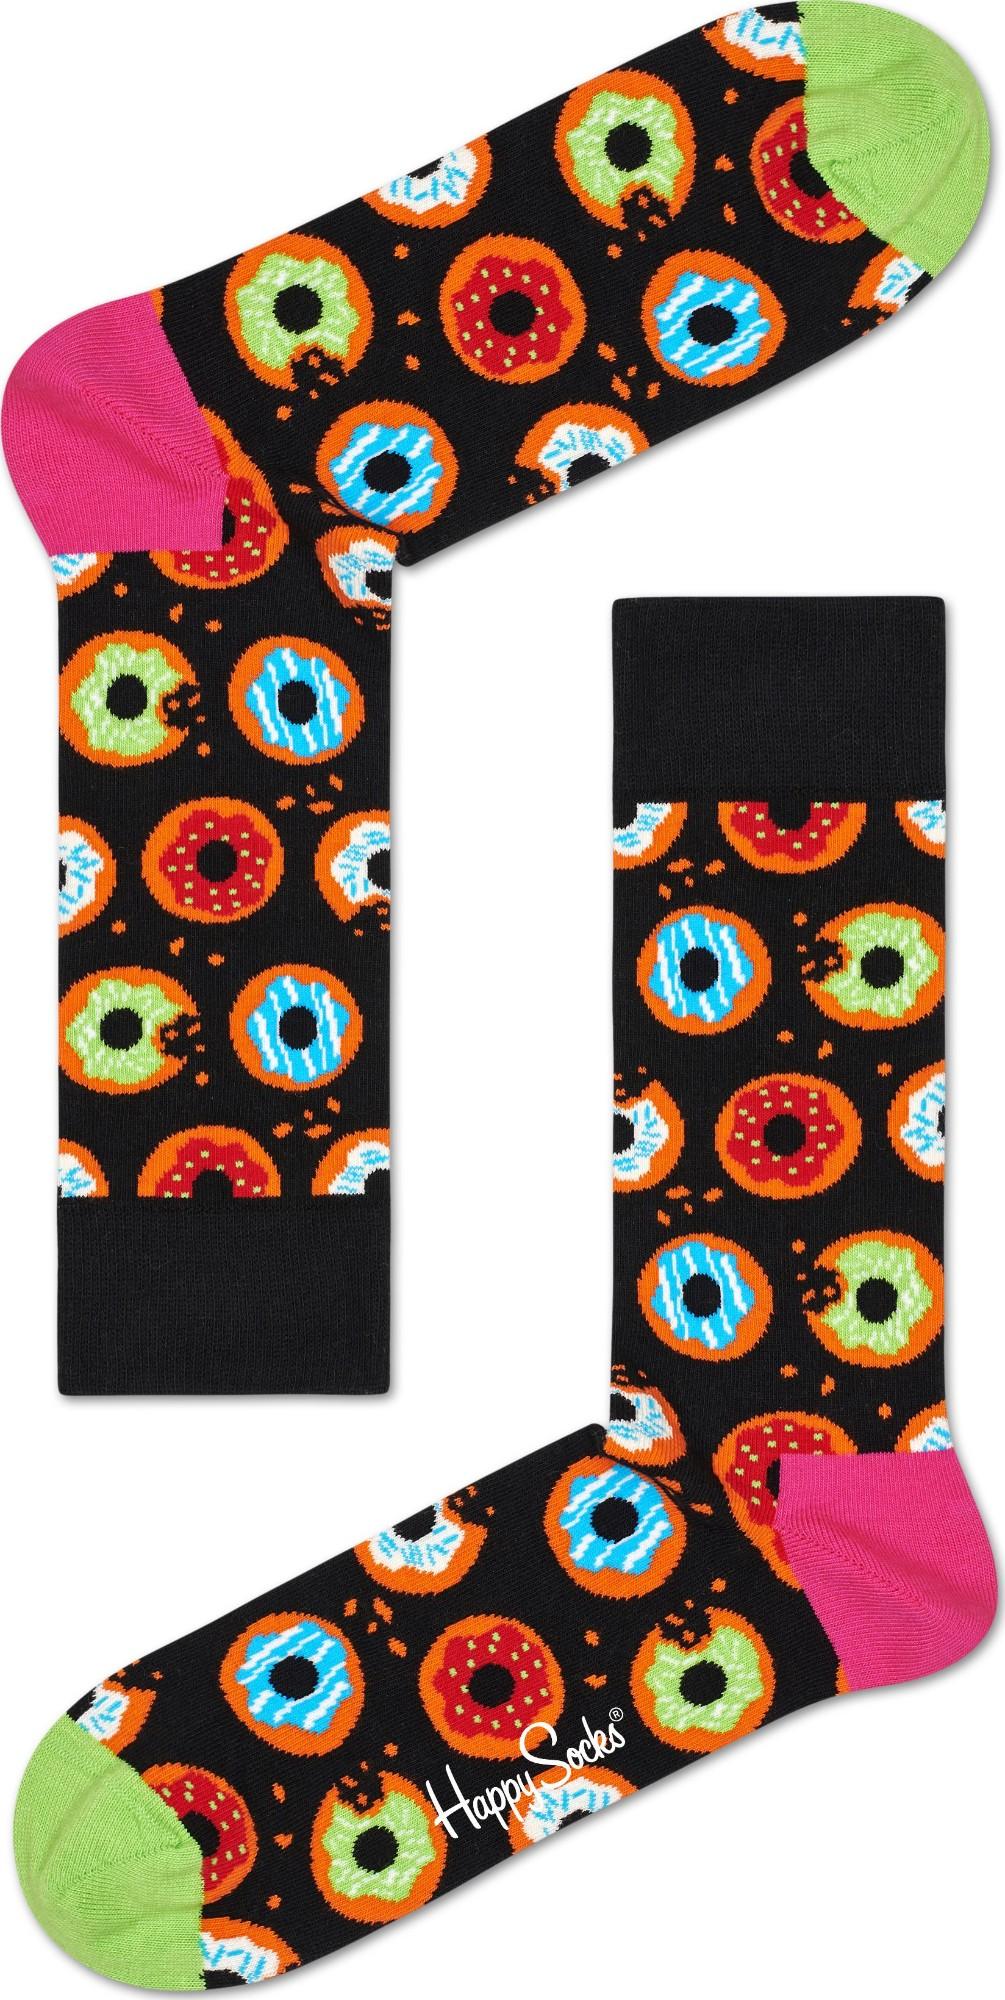 Happy Socks Donut Multi 9300 36-40